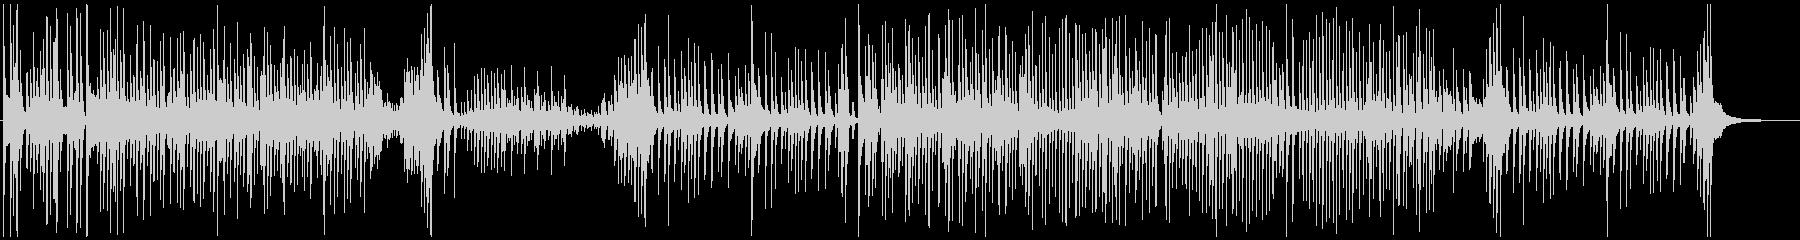 津軽三味線ソロ-B、激しい、疾走、声入りの未再生の波形